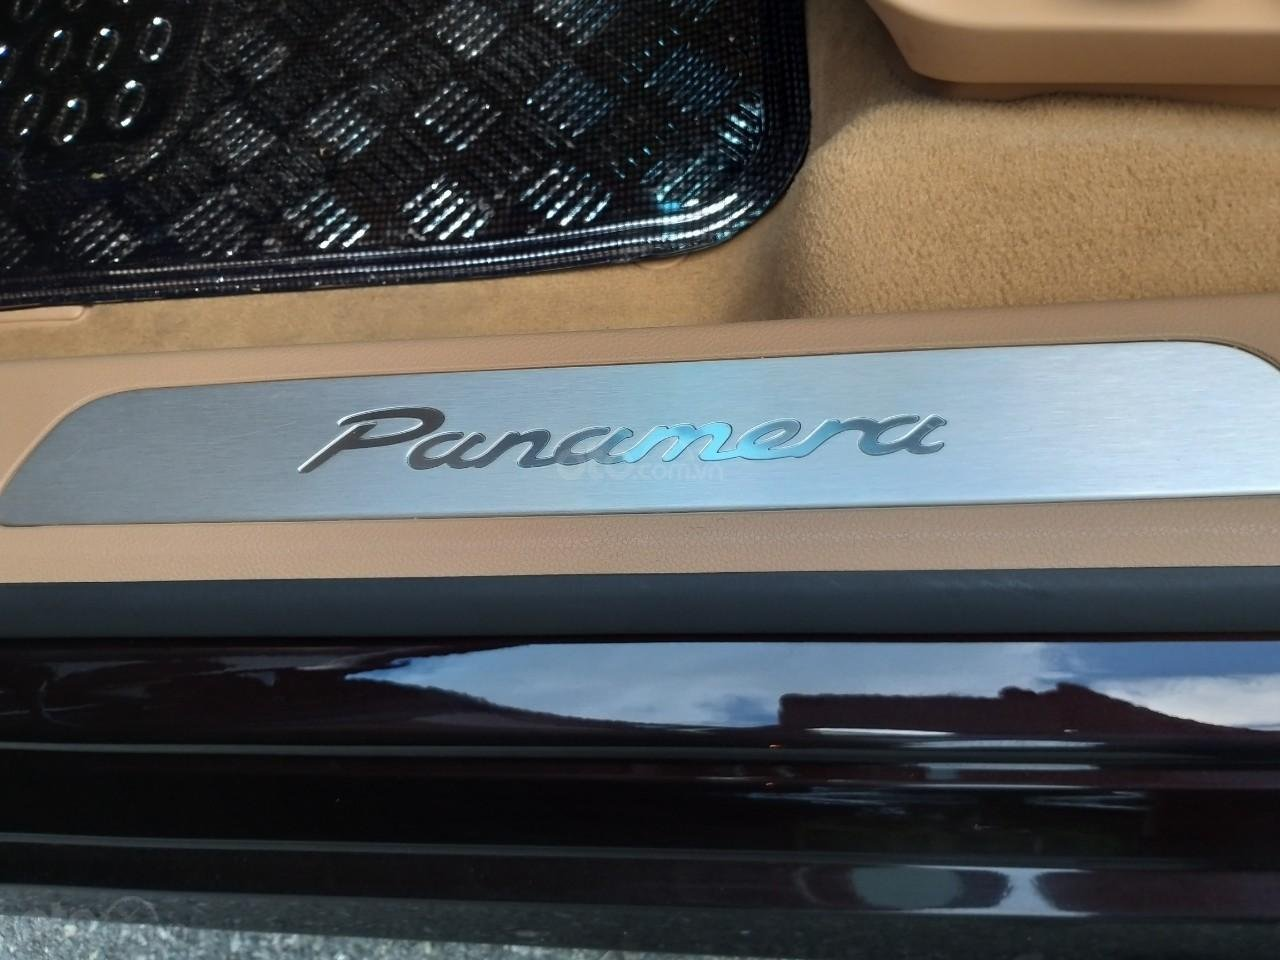 Porsche Panamera, nhà trùm mền, cực mới 99% như xe thùng, không có chiếc thứ 2 mới được vậy, Full option hãng 1 tỷ, bán rẻ 3 tỷ 450 (3)